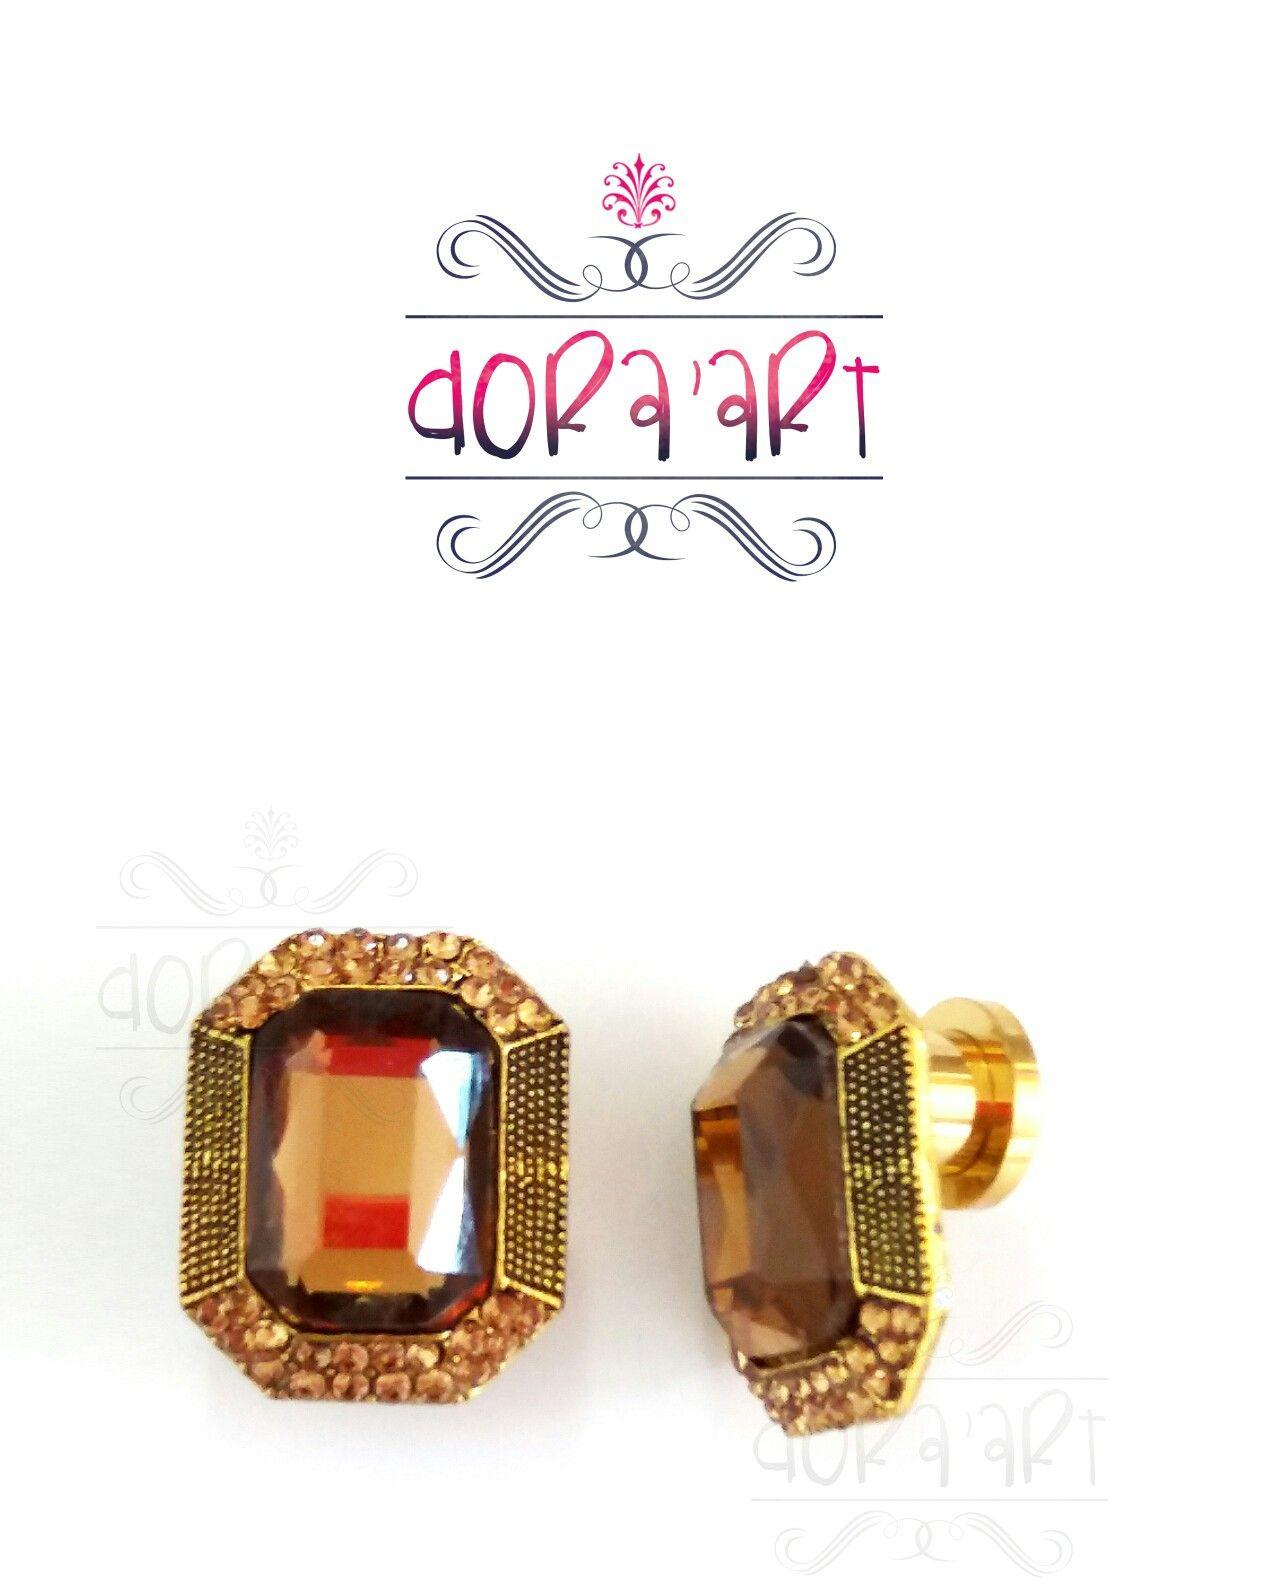 787254a386c Alargador brinco em 8mm com alargador de aço dourado com rosca. Compre pelo  site  www.doraart.com.br